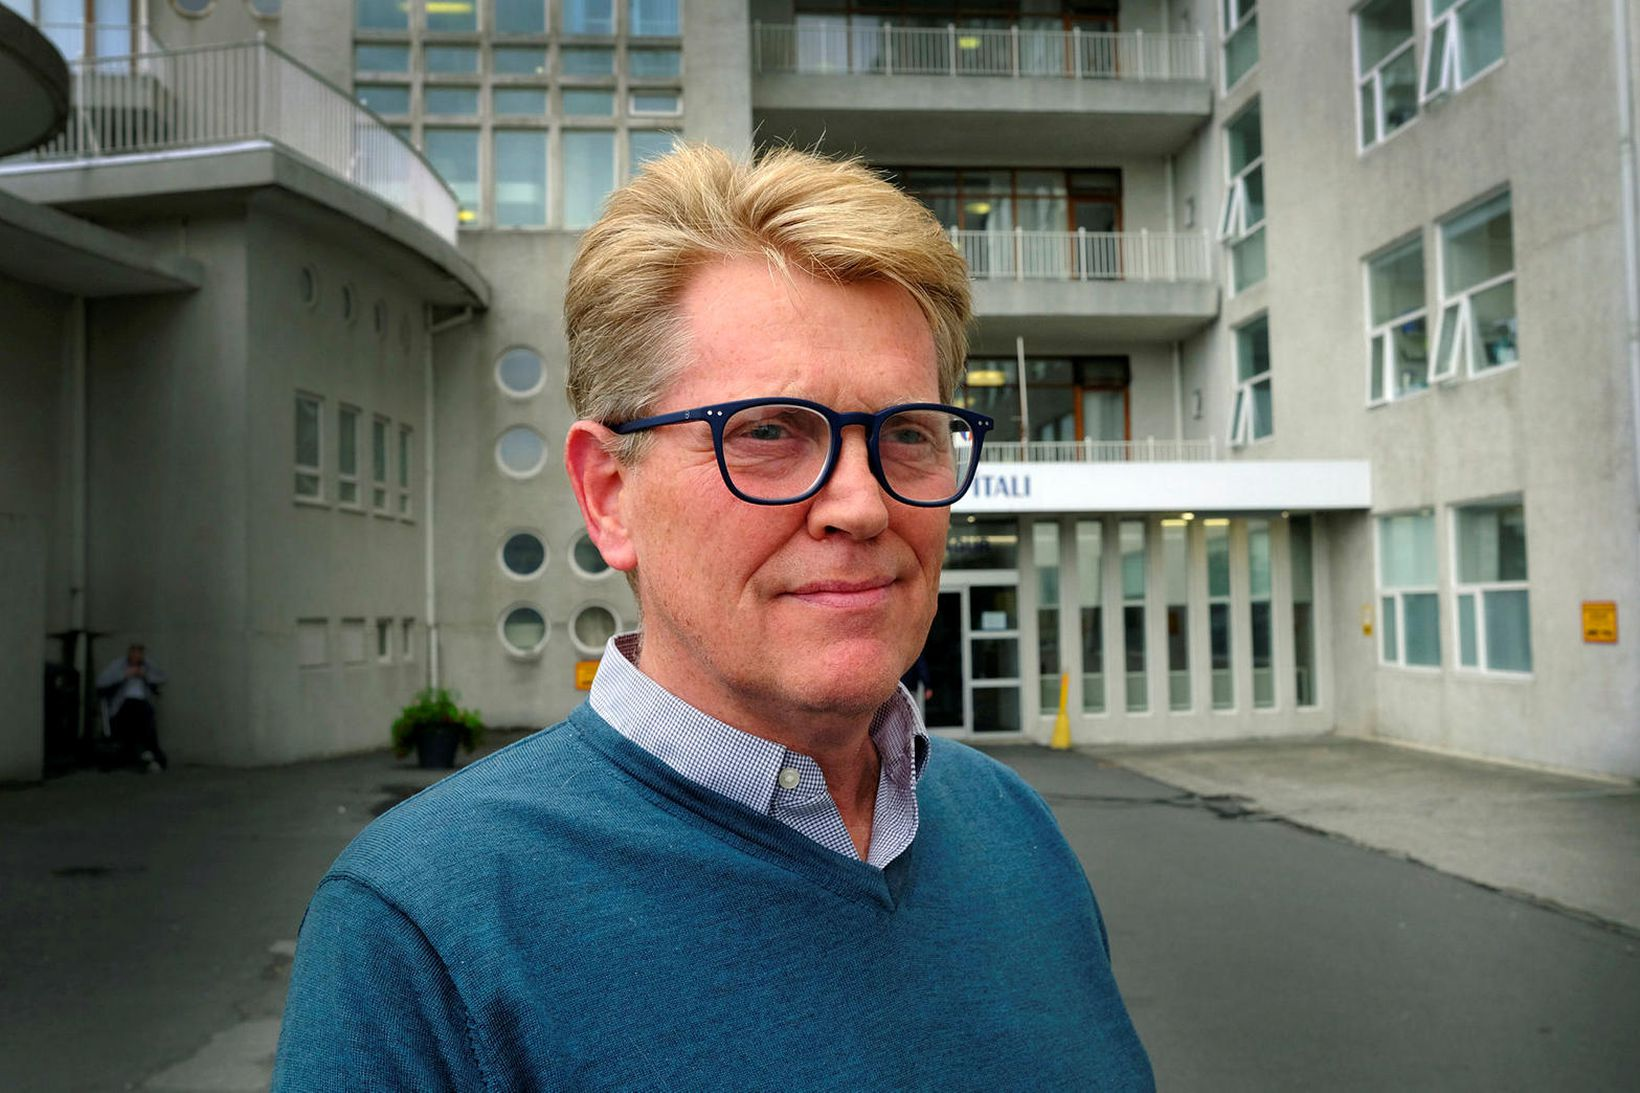 Már Kristjánsson er yfirlæknir smitsjúkdómalækninga og formaður farsóttarnefndar Landspítala.